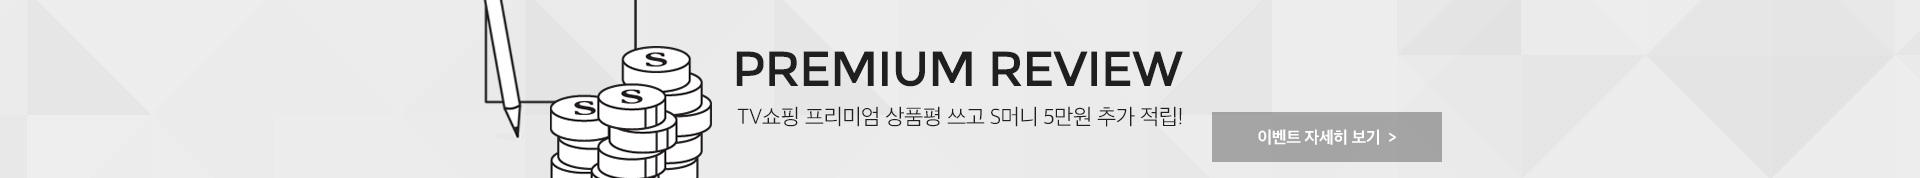 PREMIUM REVIEW TV쇼핑 프리미엄 상품평 쓰고 S머니 5만원 추가 적립! 이벤트 자세히 보기